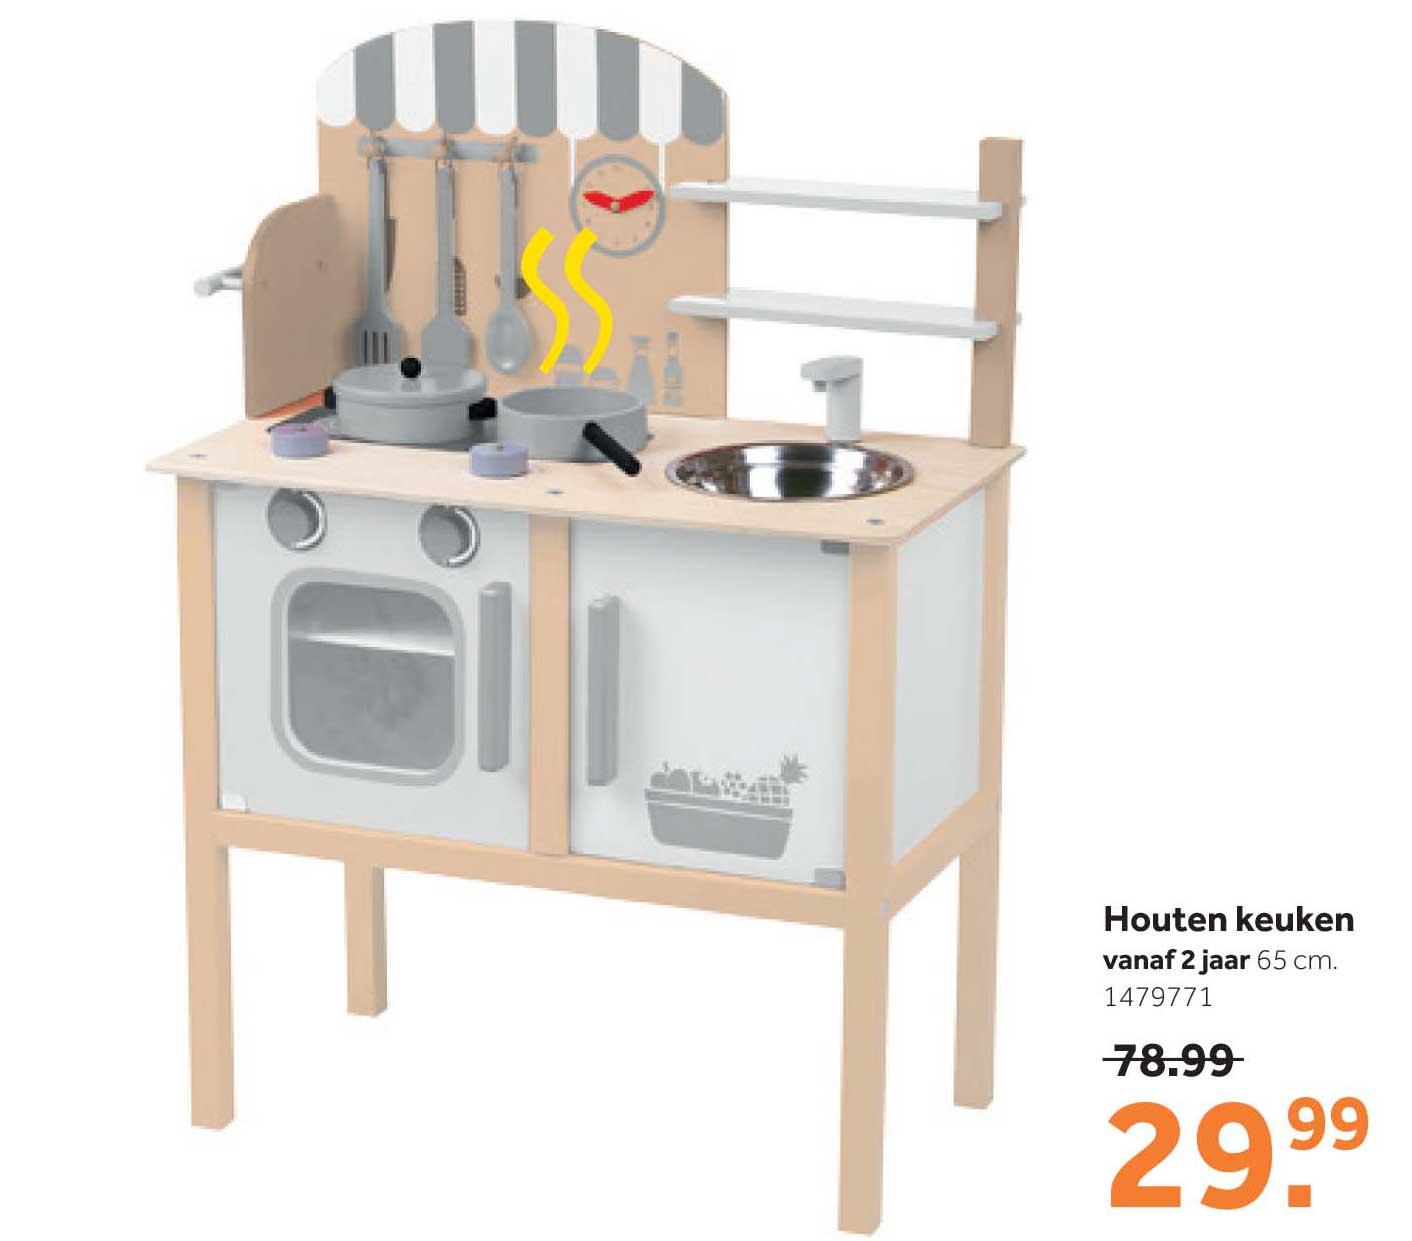 Intertoys Houten Keuken